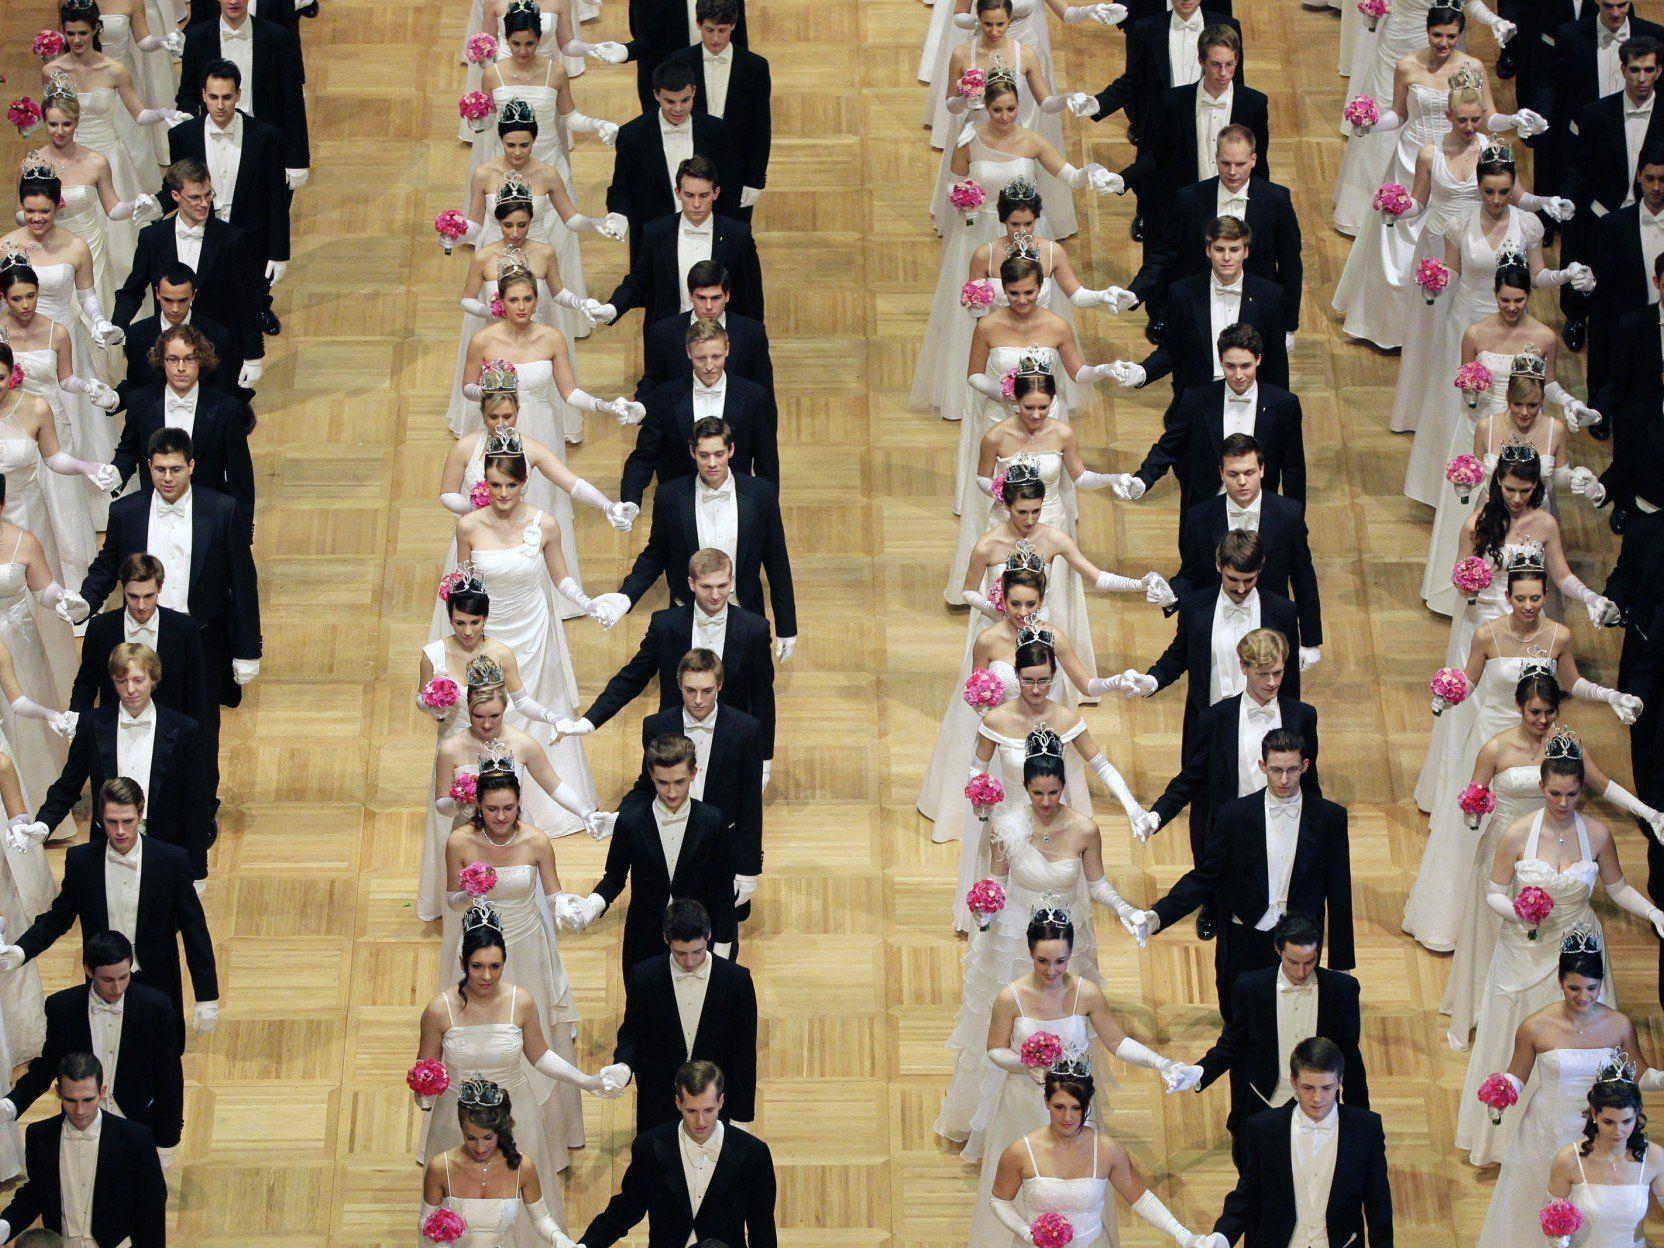 Beim heurigen Opernball stehen die Künstler im Mittelpunkt.